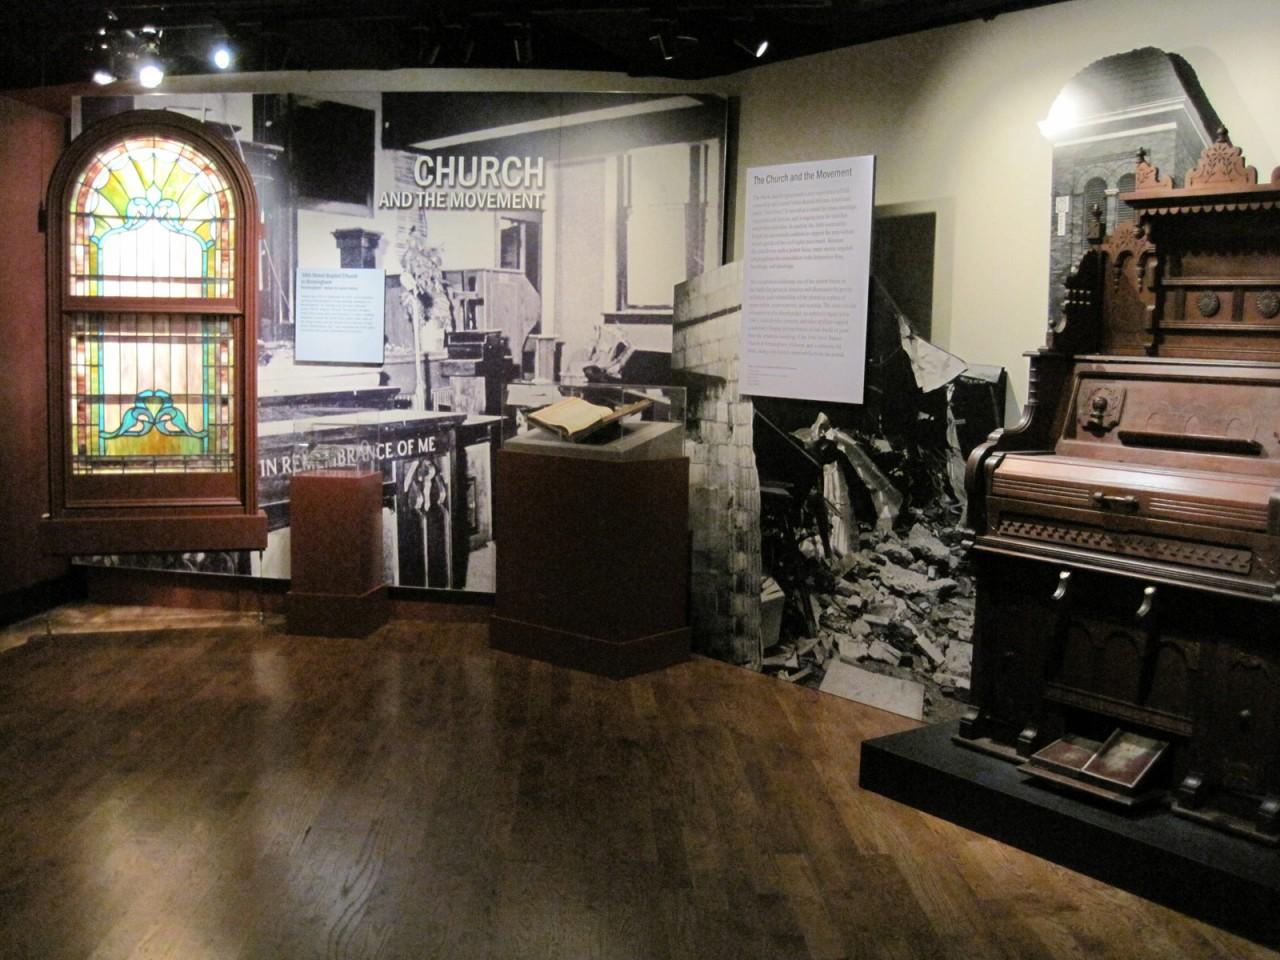 International Civil Rights Center & Museum(インターナショナルシビルライツセンター&ミュージアム)